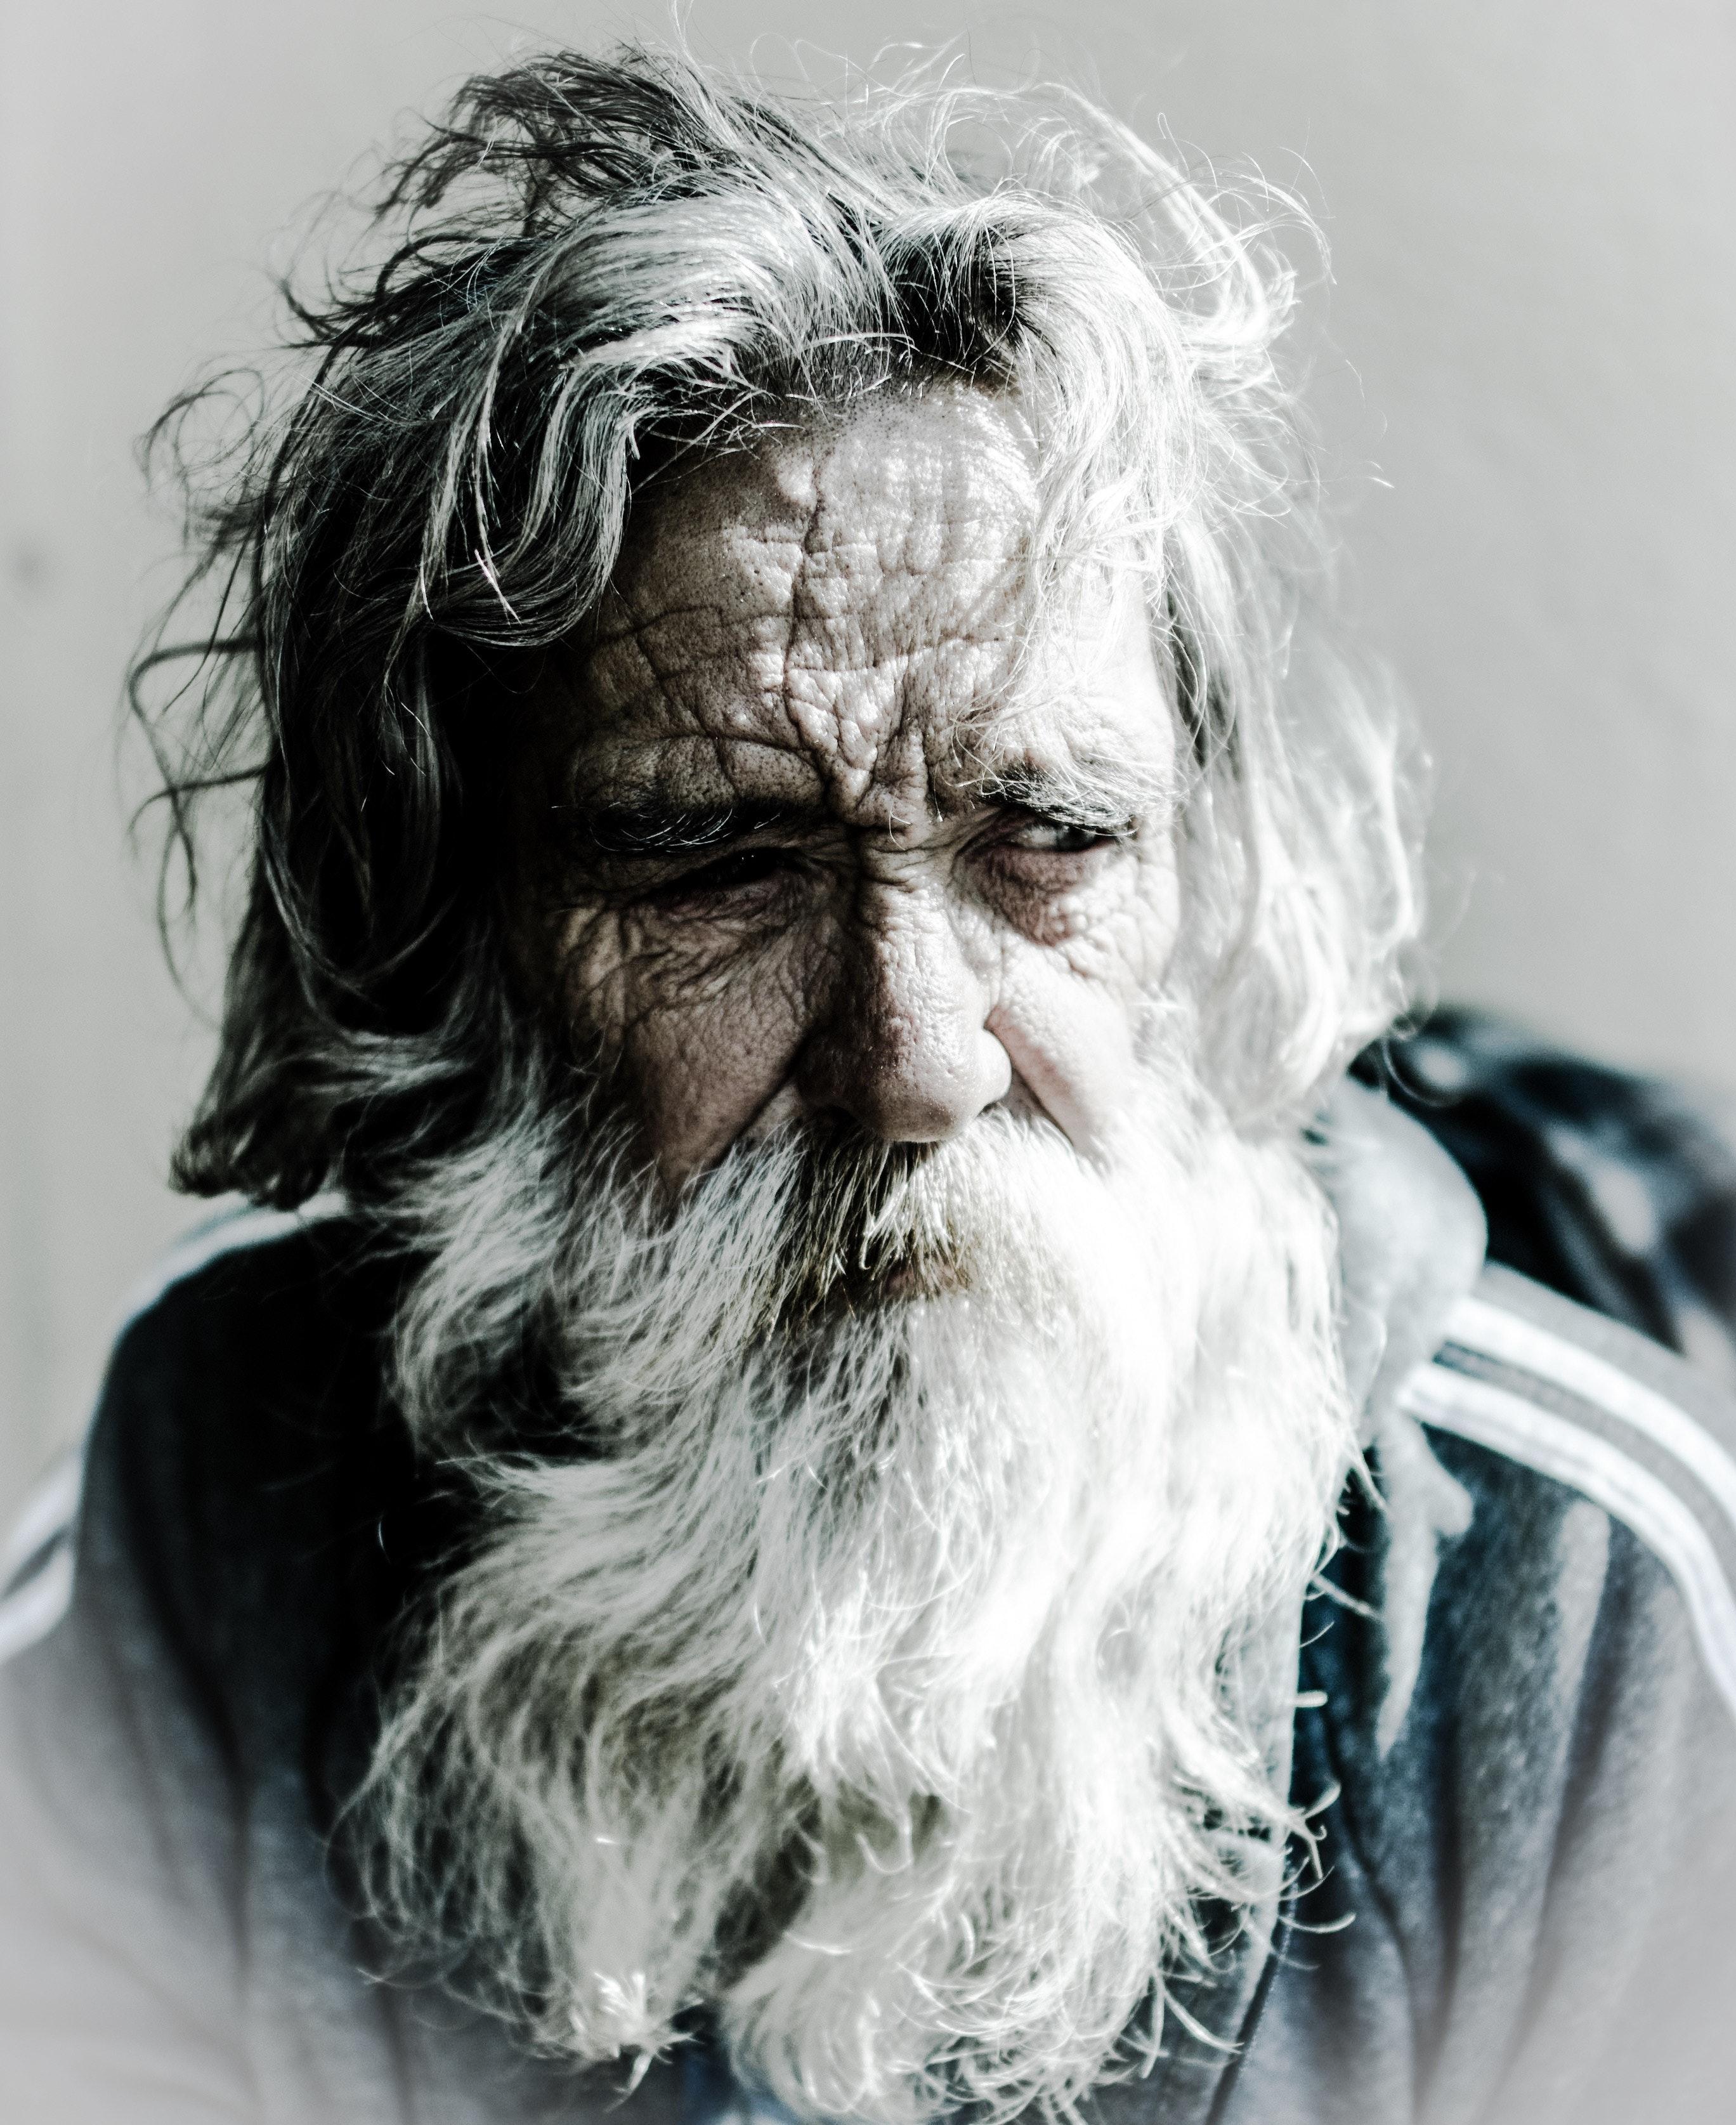 1000 great old man photos pexels free stock photos